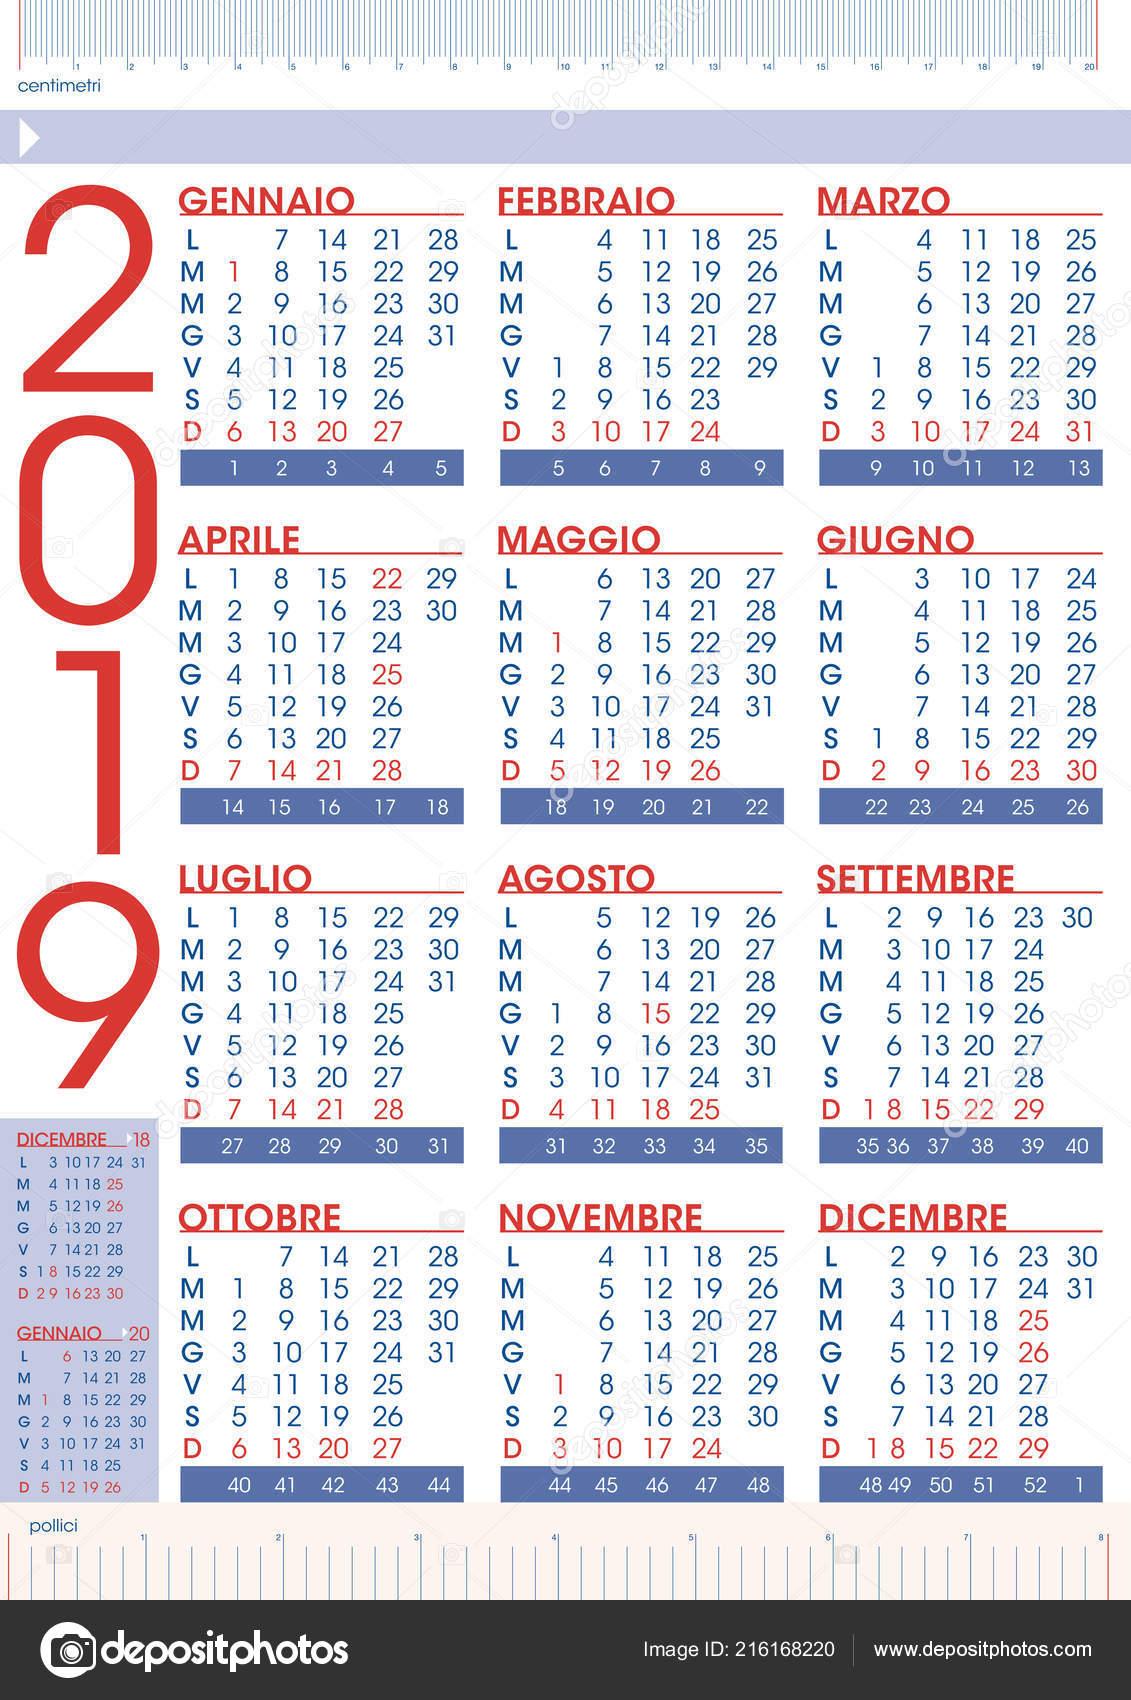 Calendario Con Festivita 2019.Calendario 2019 Regole Commerciale Lingua Italiana Con